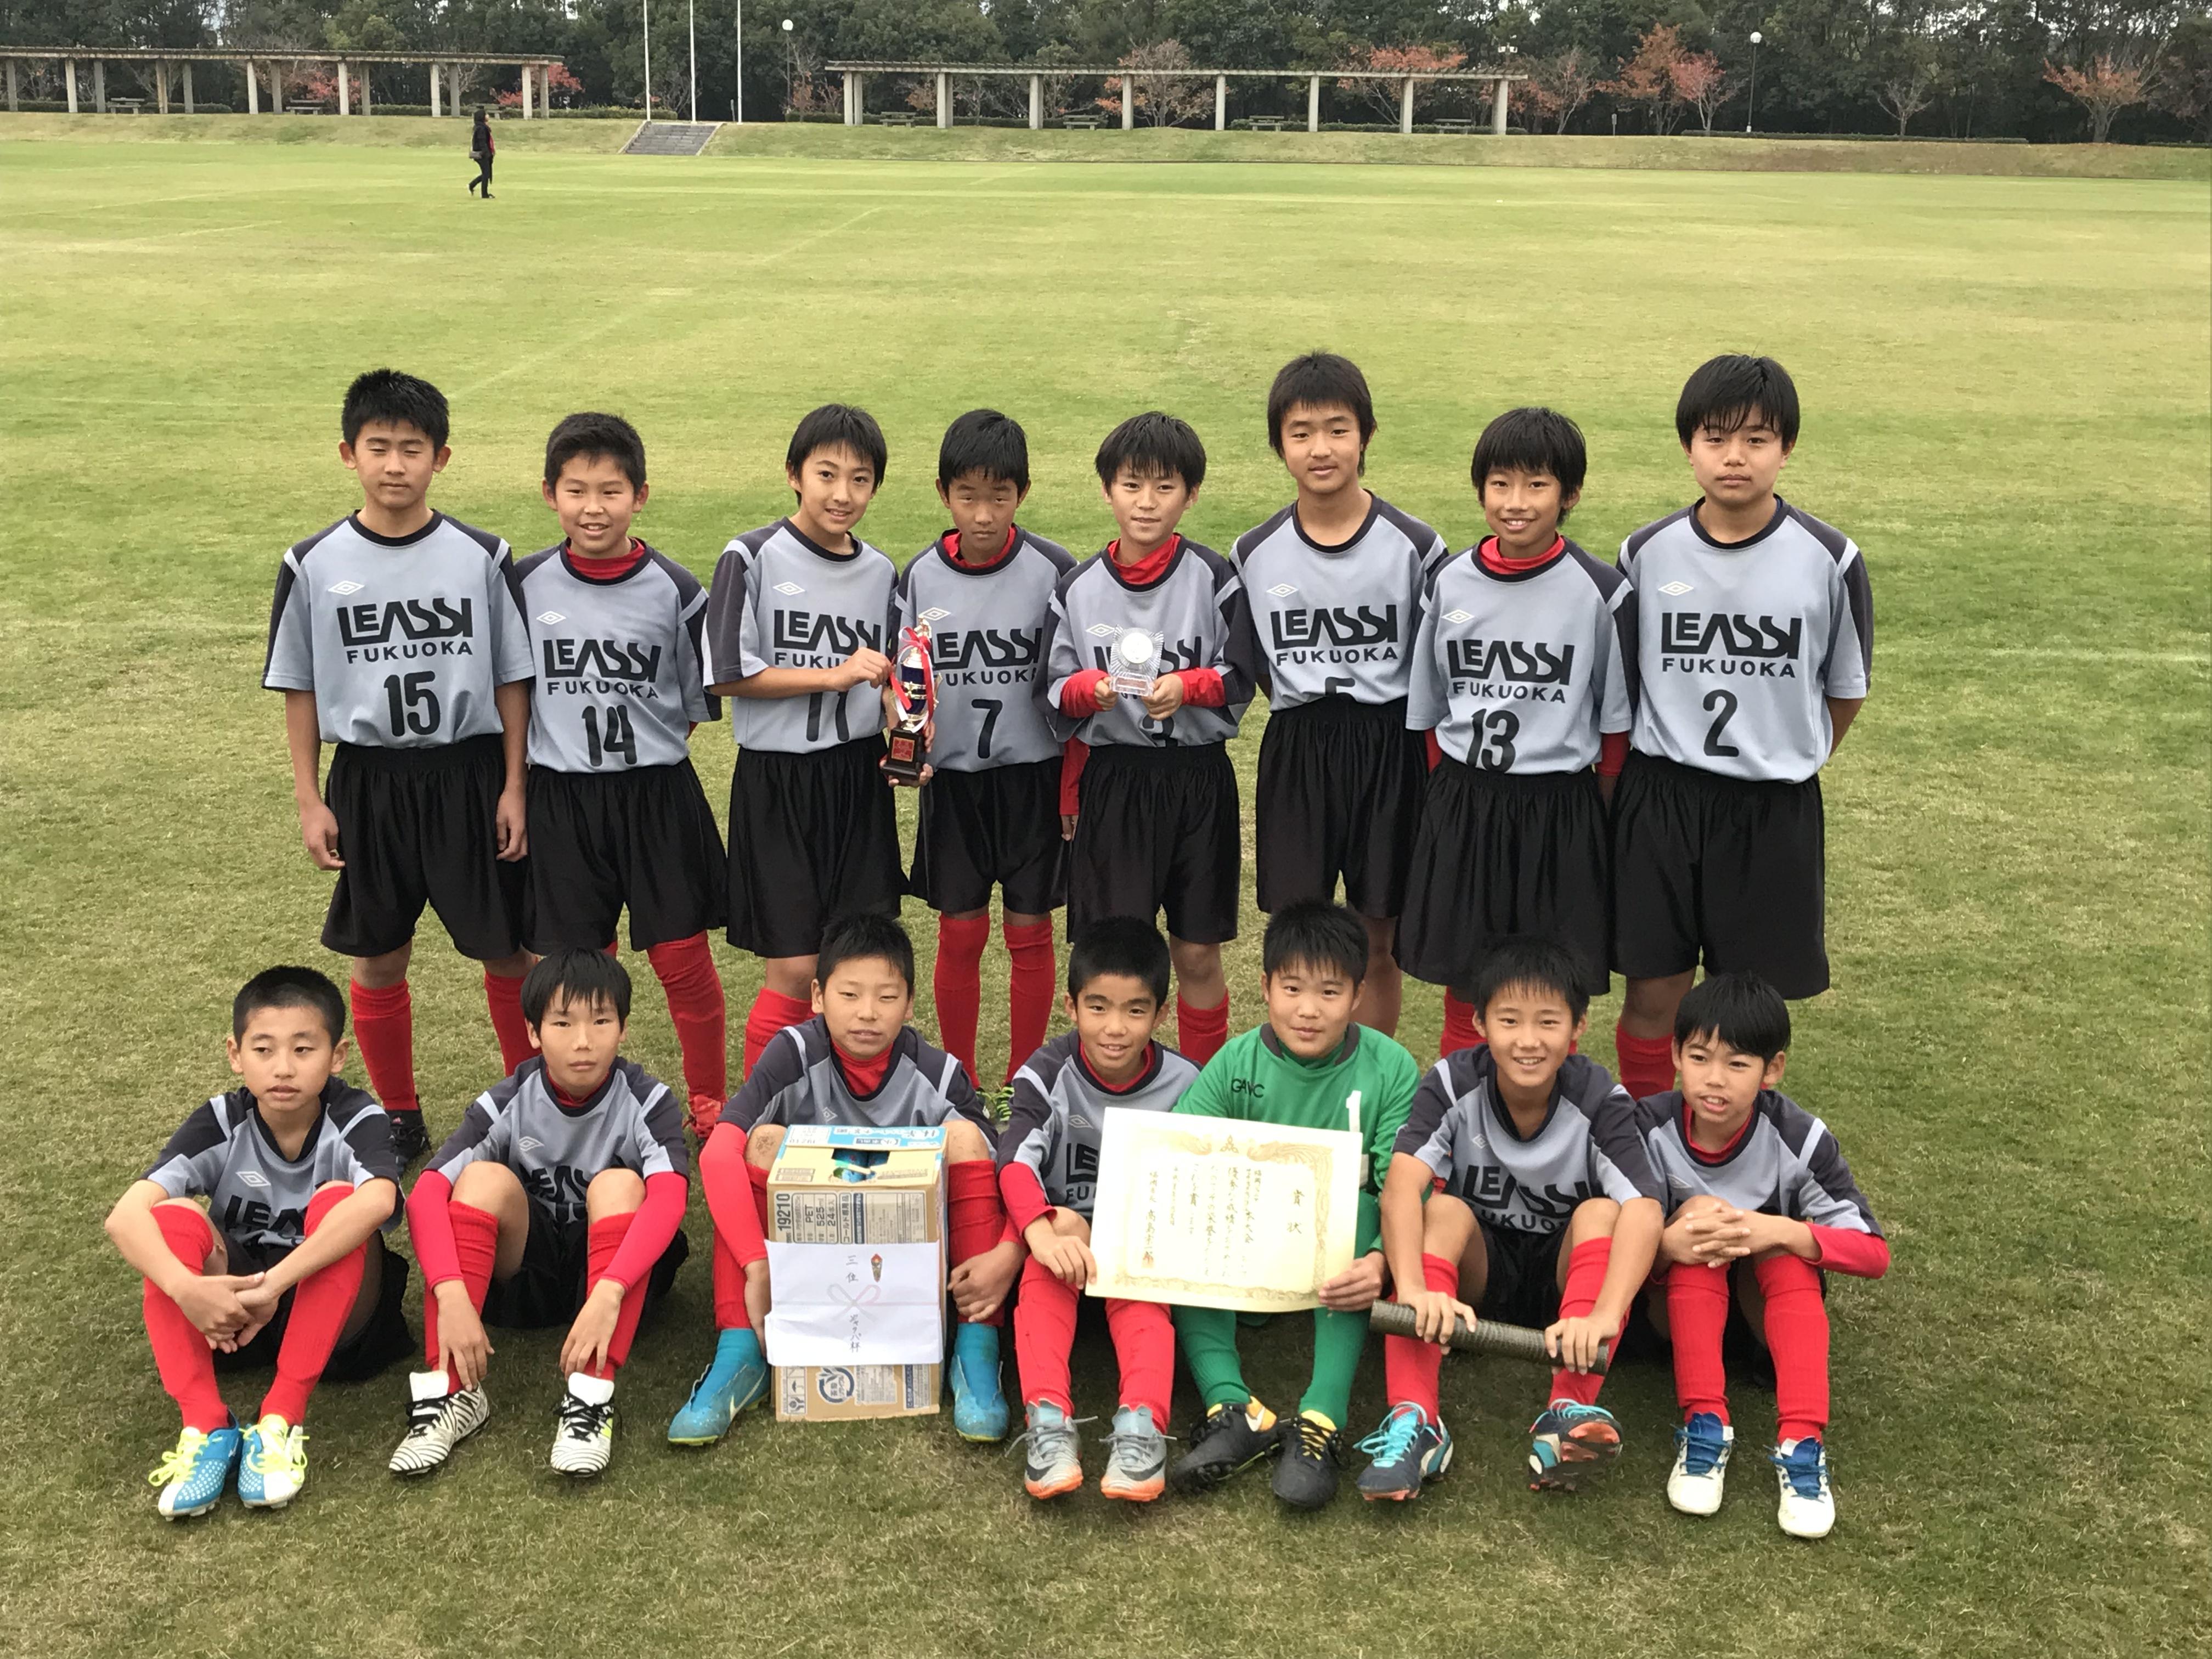 第39回福岡市長杯少年サッカー大会決勝トーナメント組み合わせ決定!